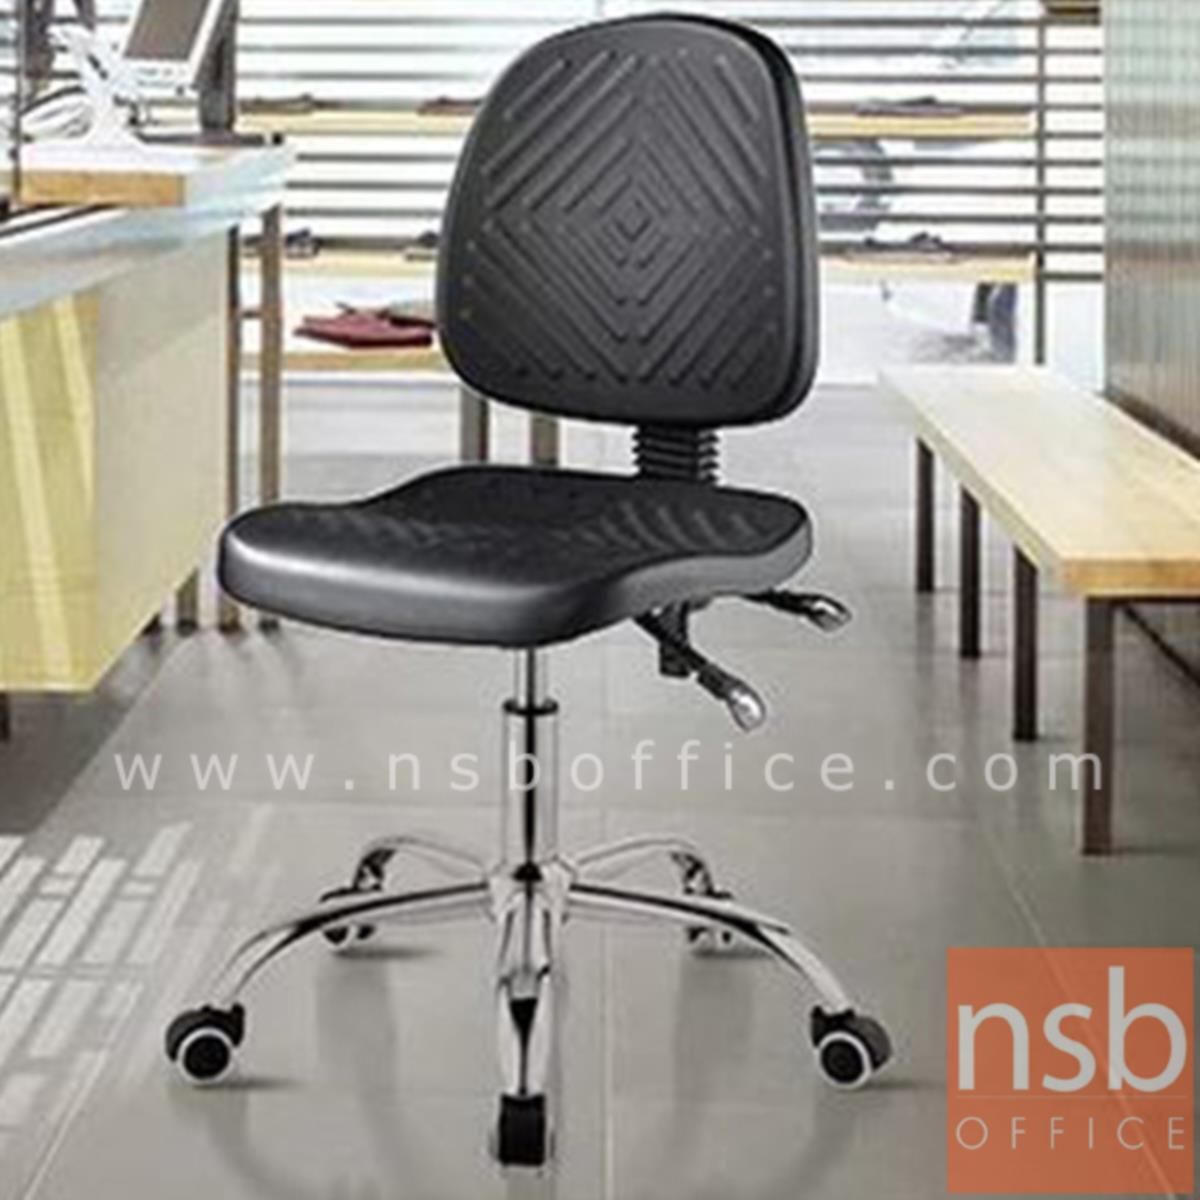 B02A071:เก้าอี้บาร์ที่นั่งเหลี่ยมล้อเลื่อน รุ่น Streep (สตรีป)  โช๊คแก๊ส ขาเหล็กชุบโครเมี่ยม